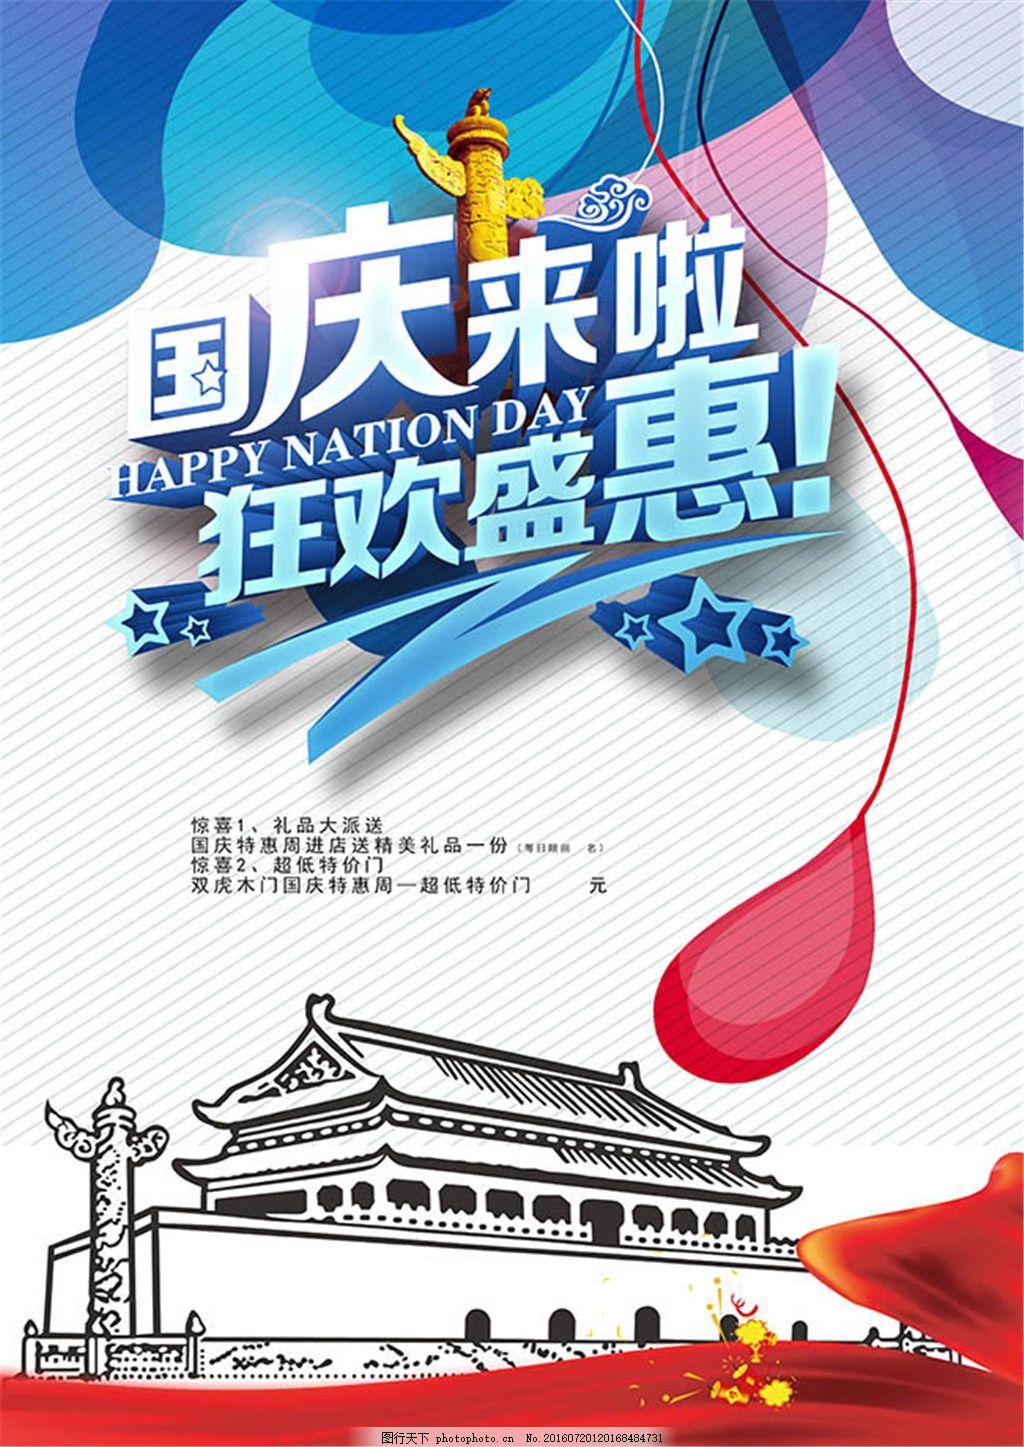 国庆节手绘促销海报设计psd素材